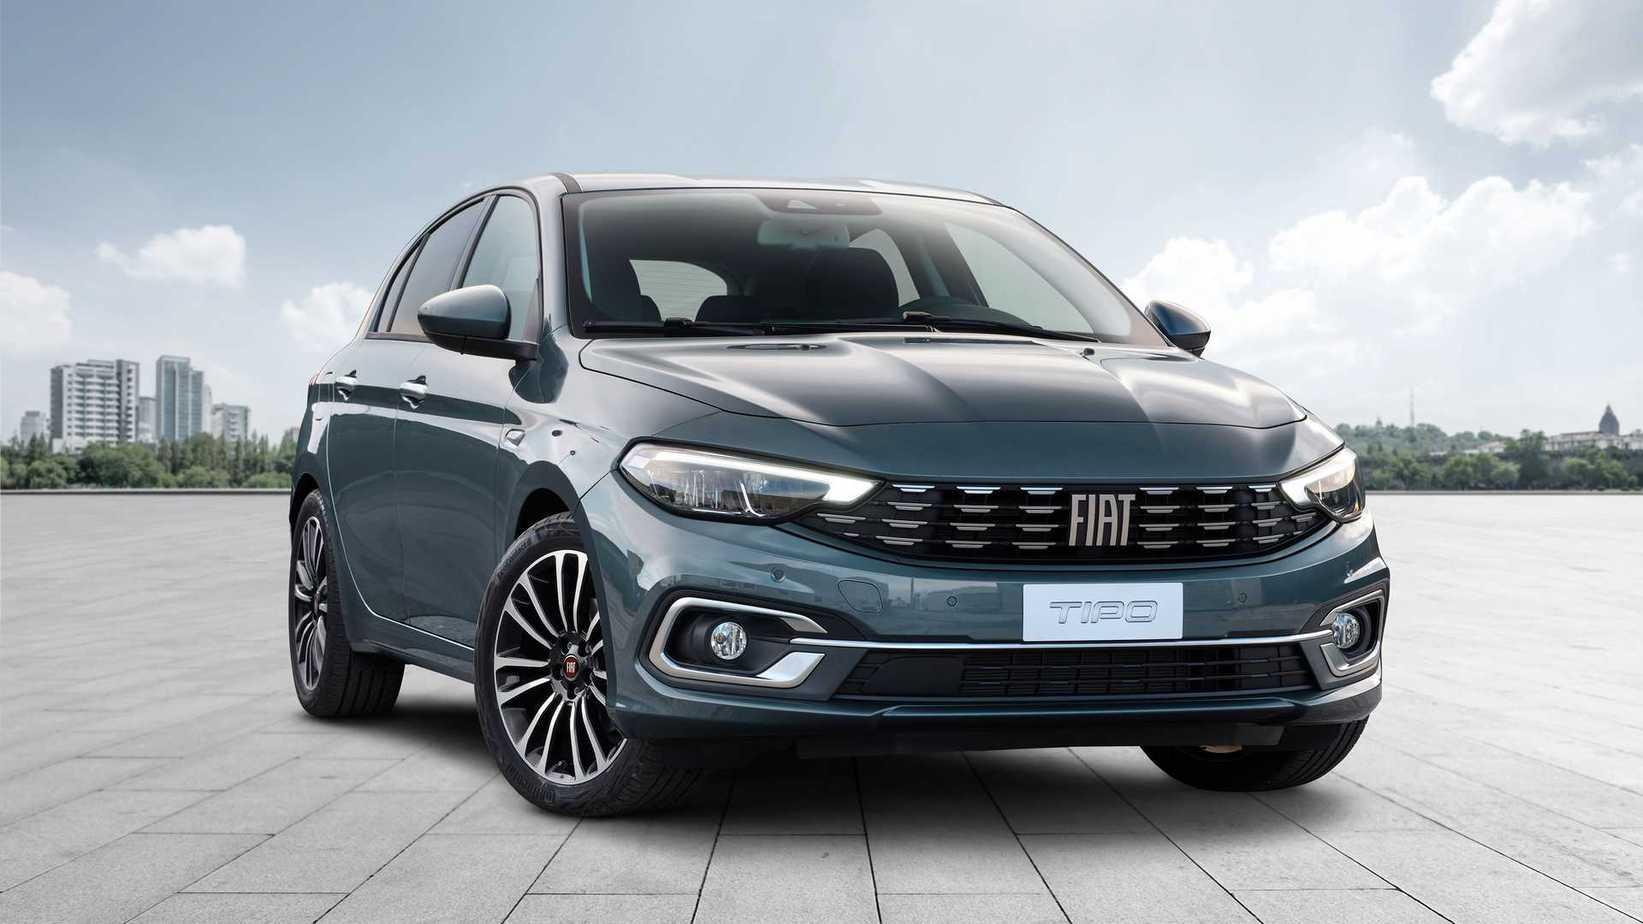 2021 Fiat Egea Sedan Türkiye'de Satışa Sunuldu